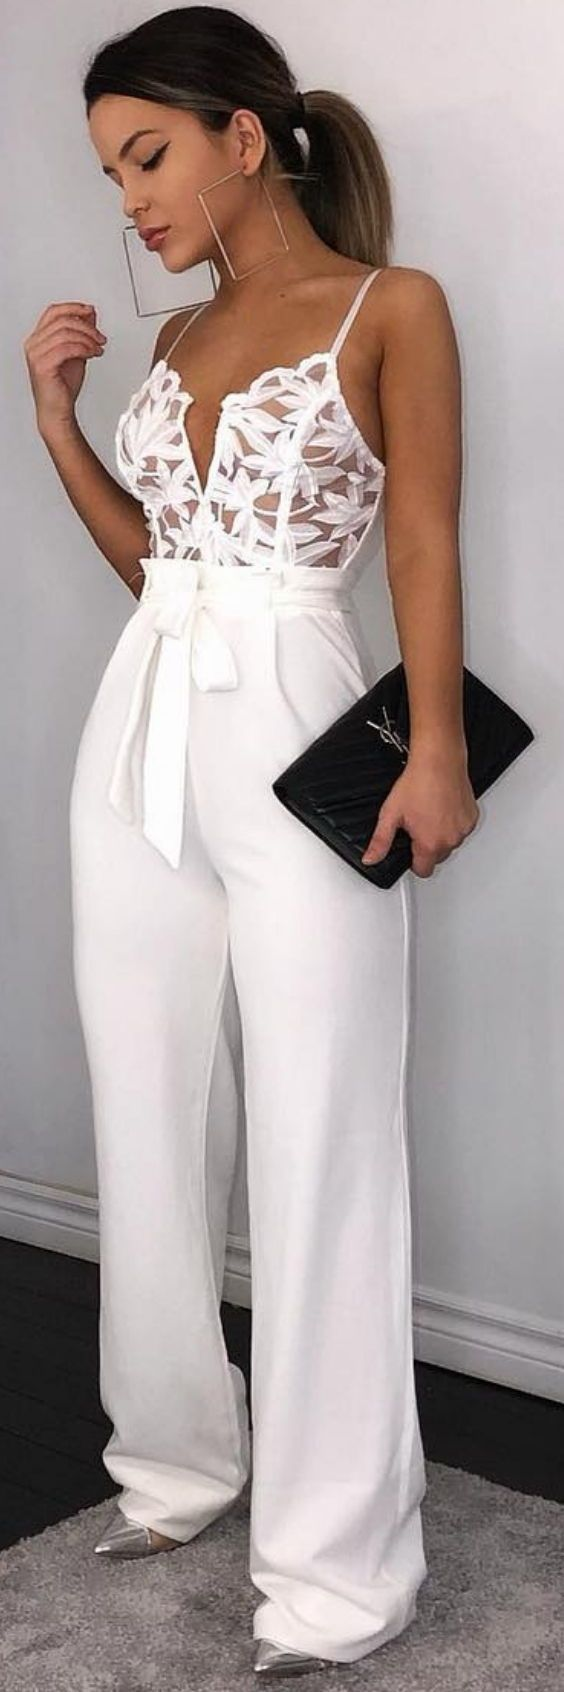 Wochenend-Swag-Frühlingsoutfits: 20 fantastische Frühlingsoutfits zum Anziehen - Jacke Mode Ideen #girlsspringoutfits Ideen für den Online-Stöffchenkauf...aber sicher noch unvollständig! - #den #... - Monika    Source by blauesleben #Prom outfits